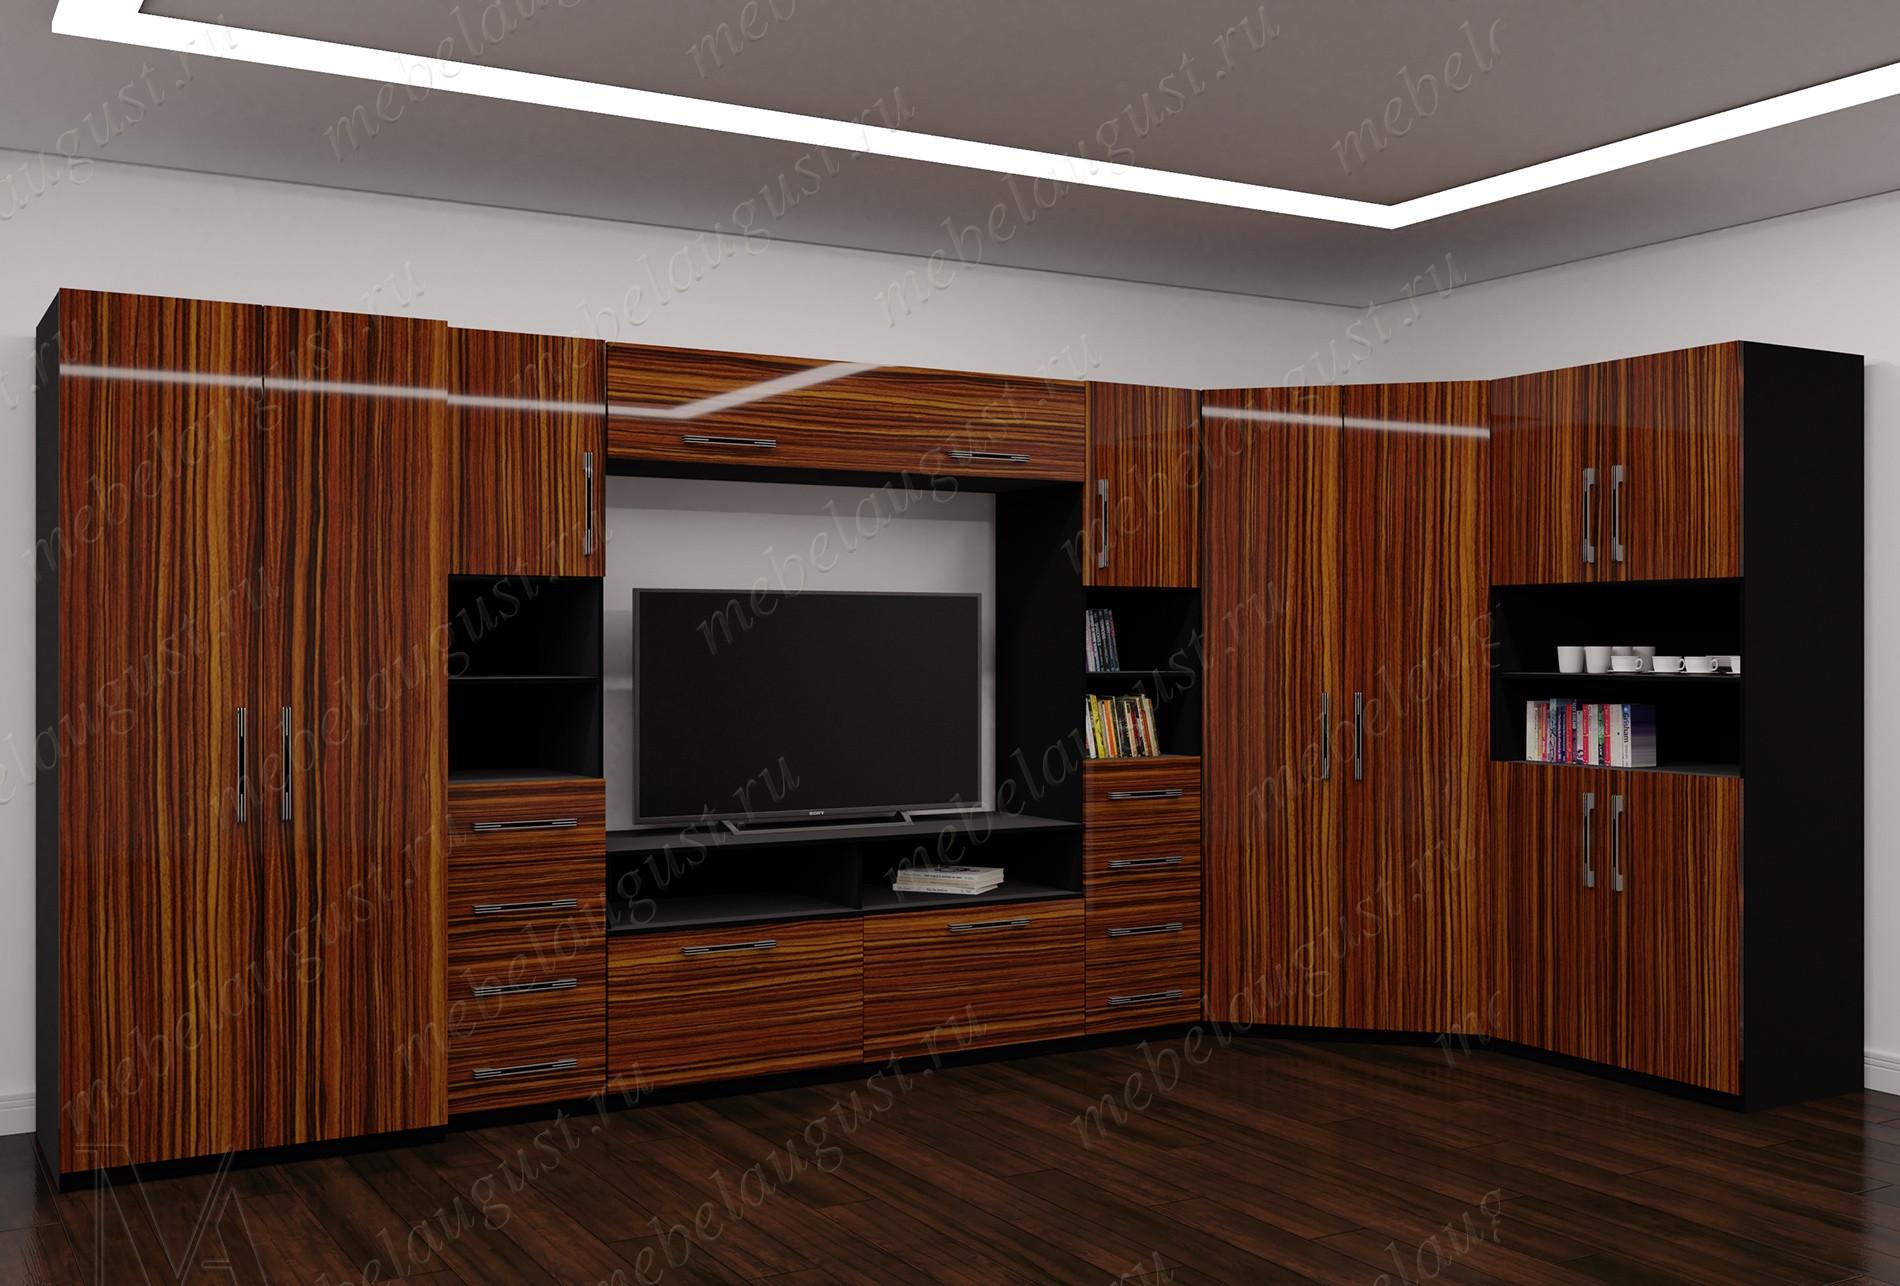 Большая мебельная стенка с полкой под телевизор